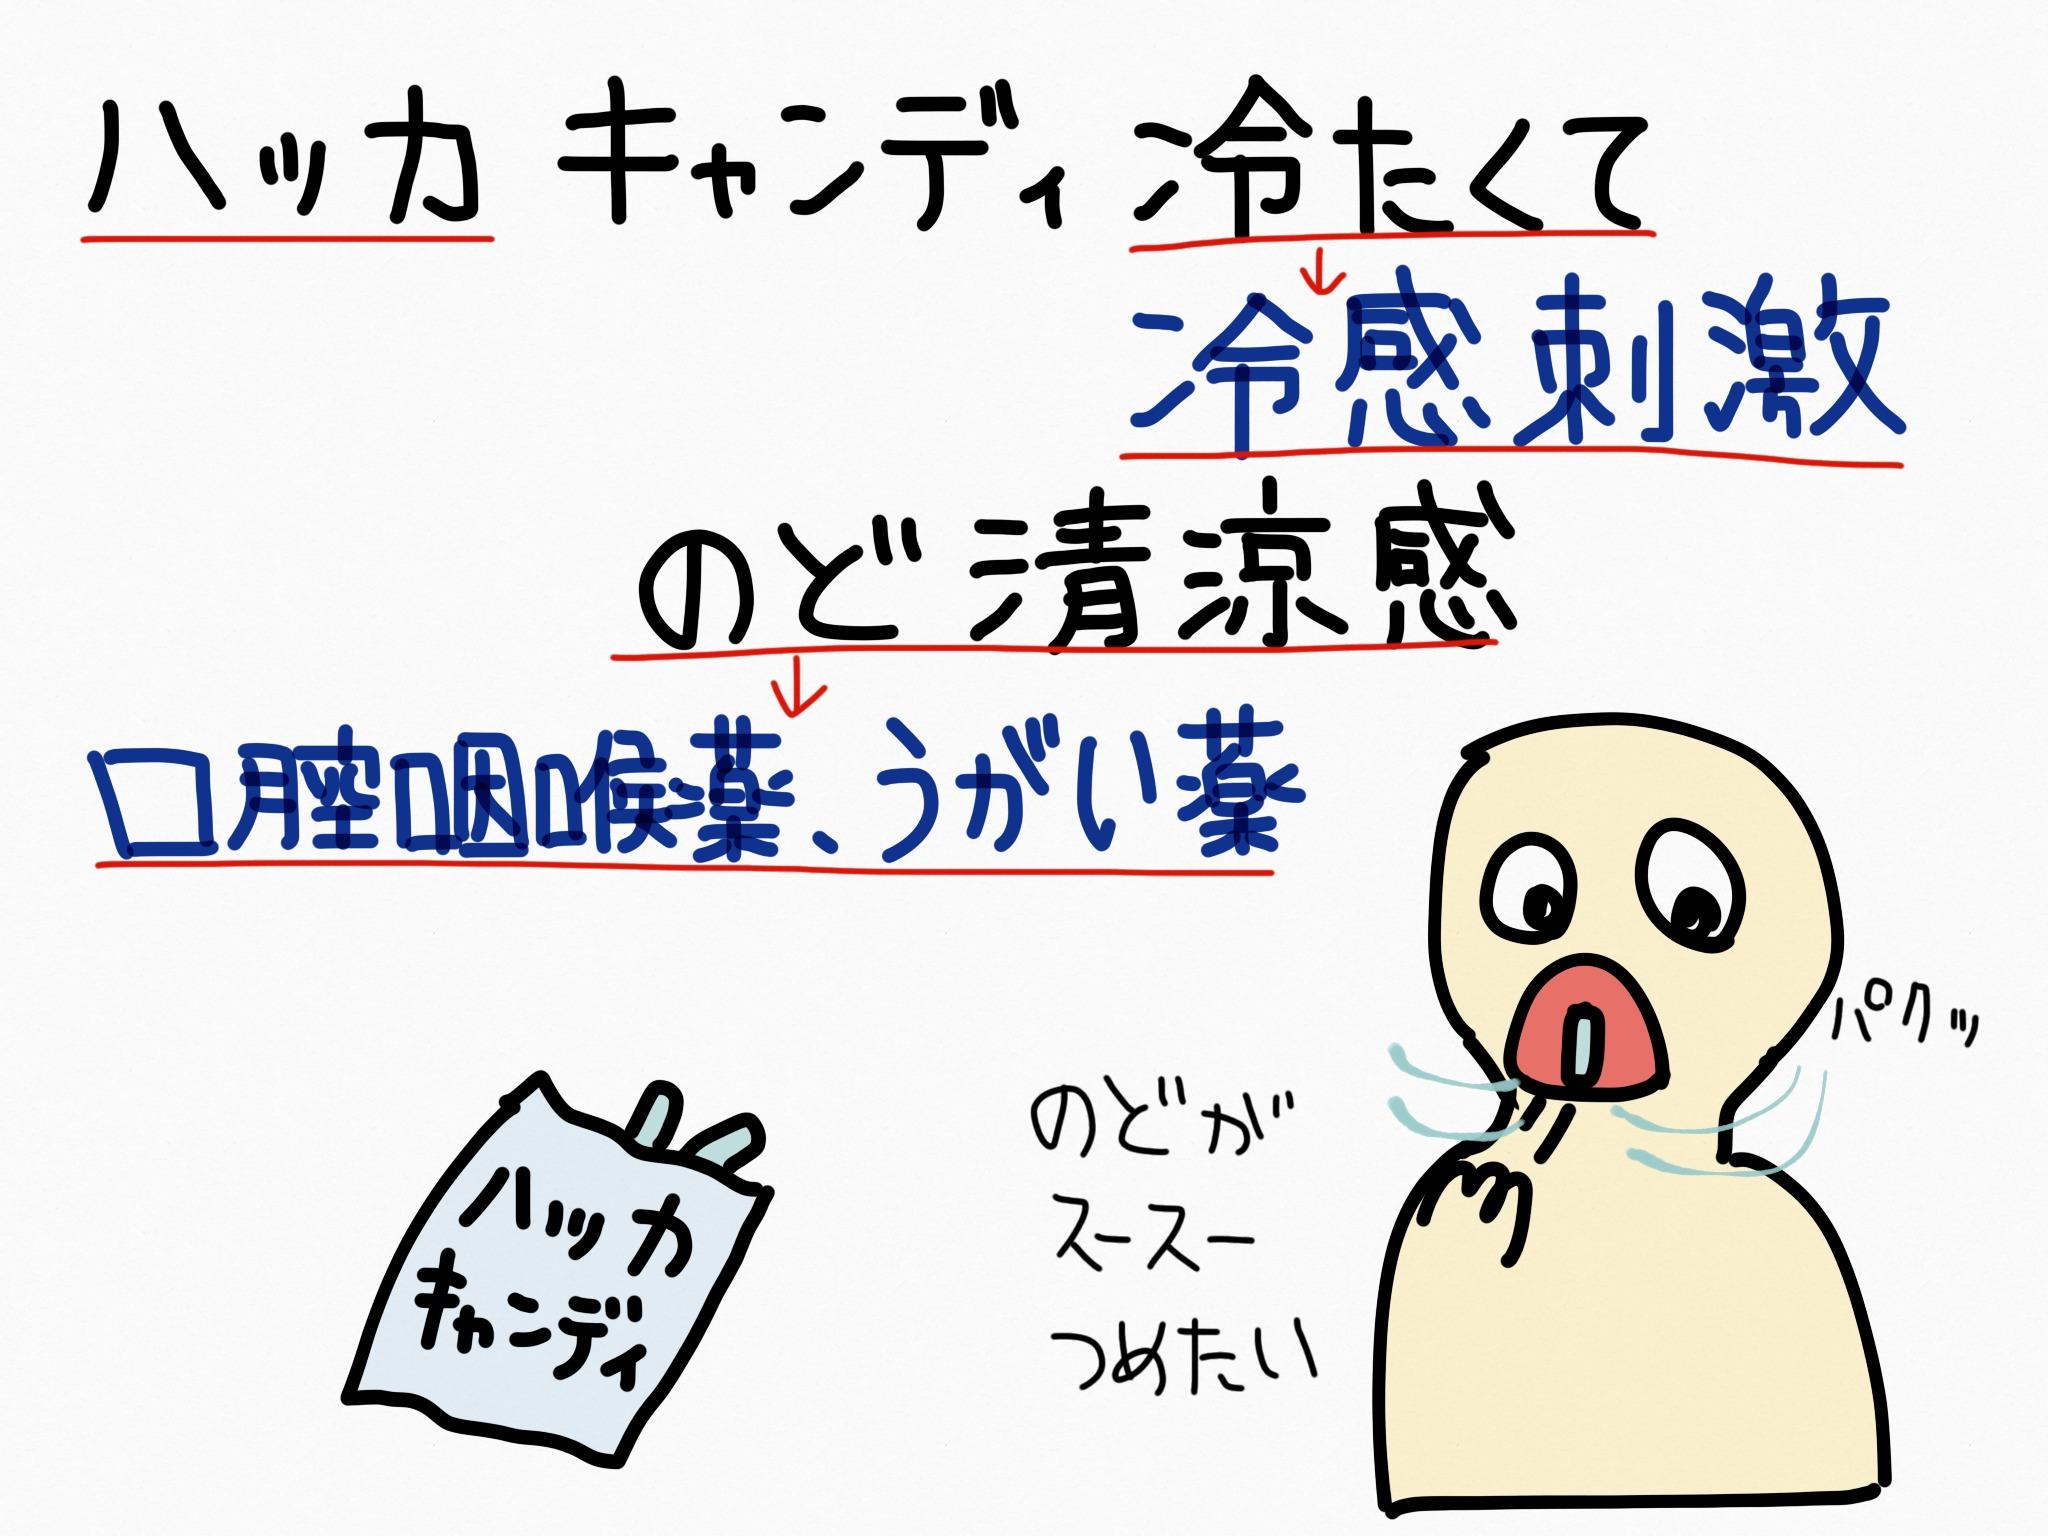 ハッカ/ハッカ油[口腔咽喉薬他]生薬の覚え方・暗記方法・語呂合わせ